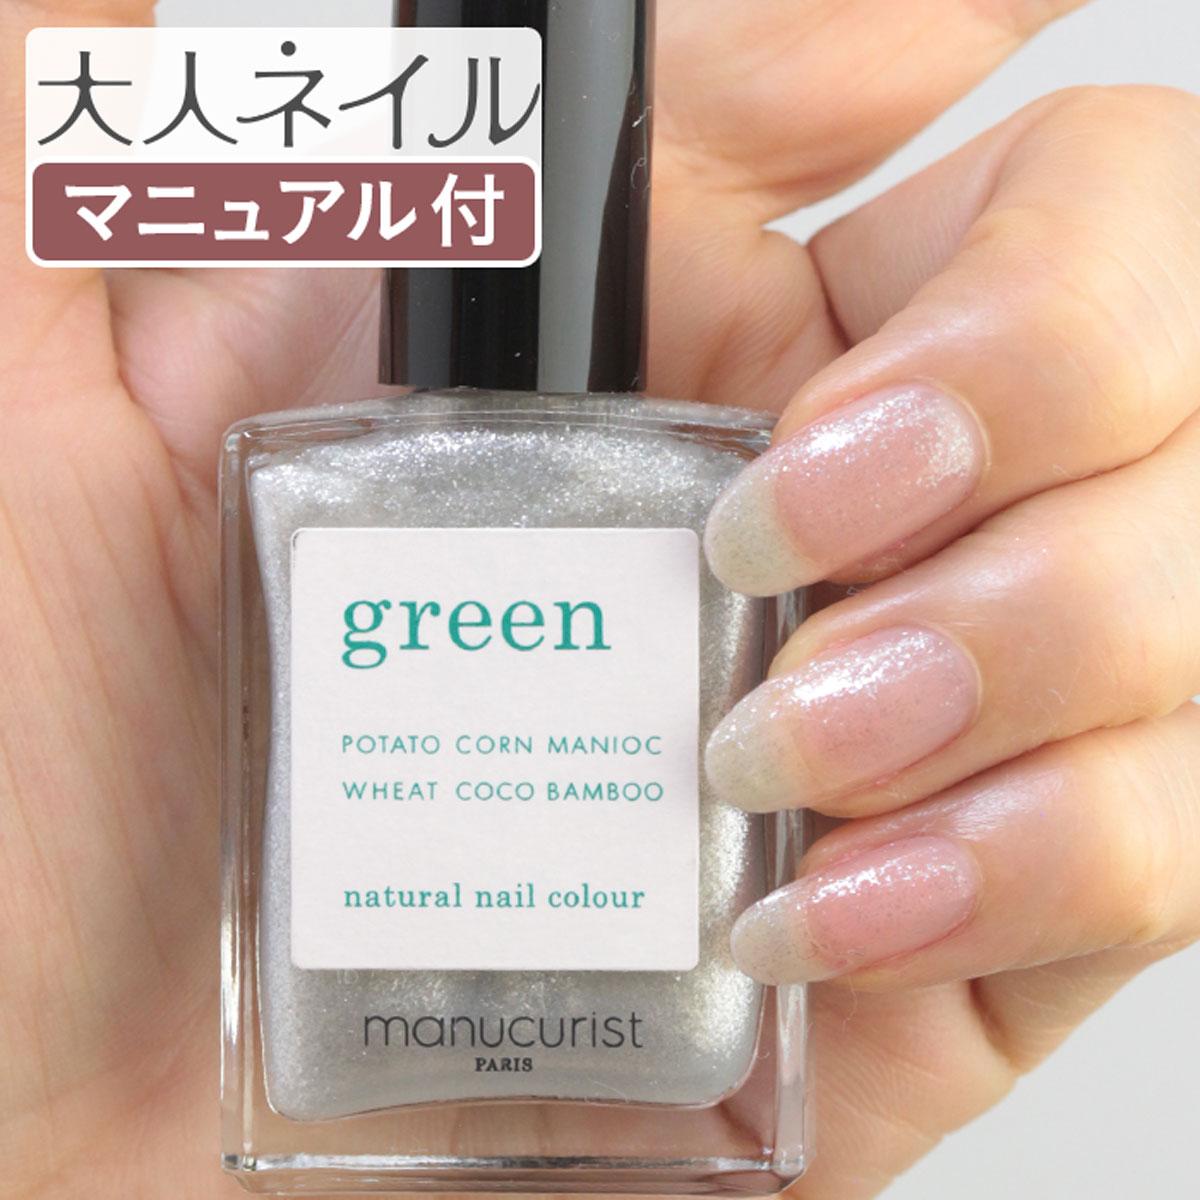 green グリーン ナチュラルネイルカラー ディアモン 31046 15ml 爪にやさしい マニキュア セルフネイル シルバー ラメ 夏カラー 夏カラー